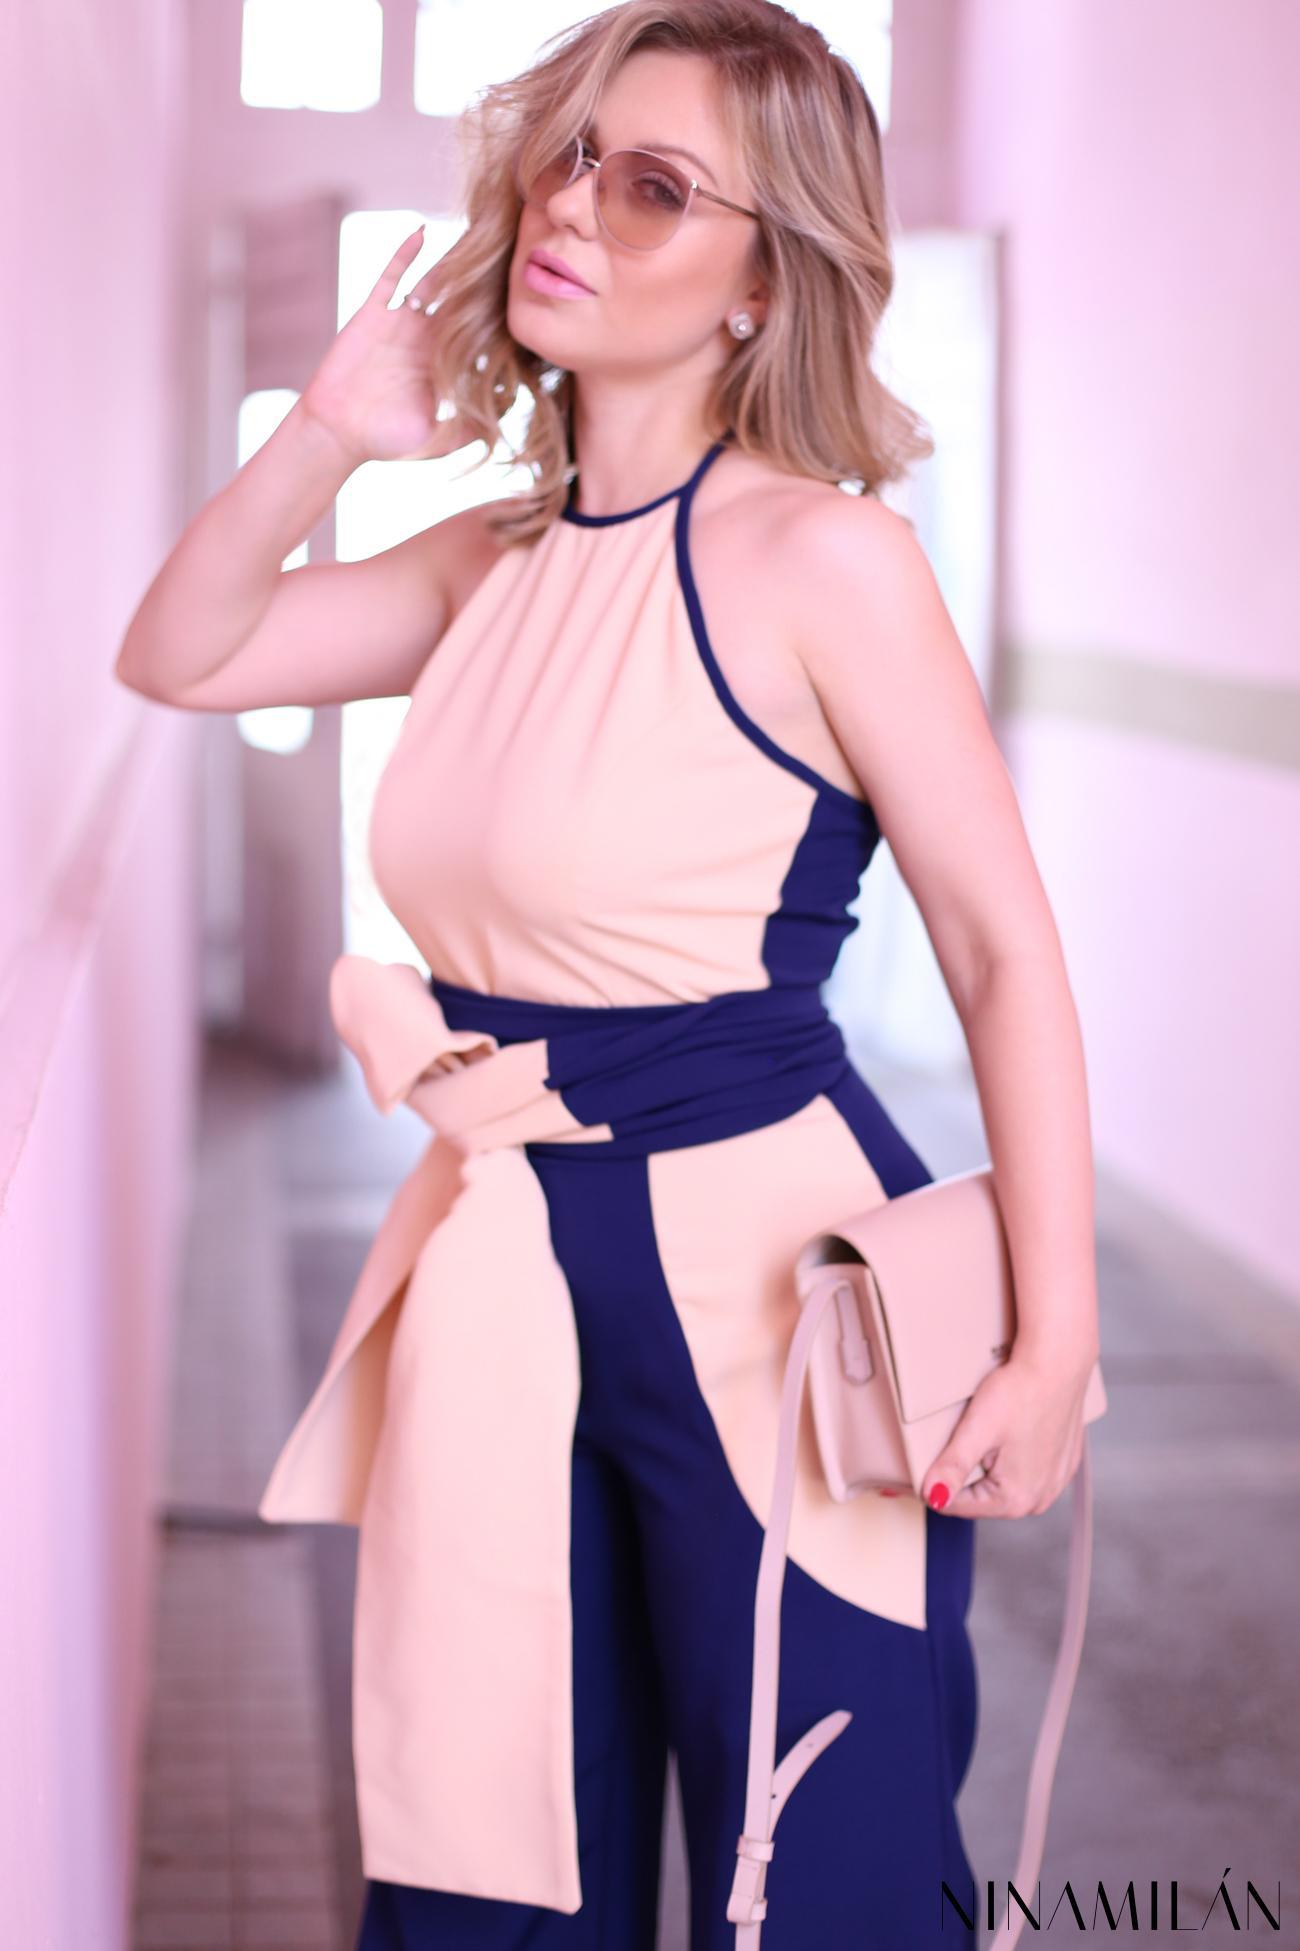 Nude Loves Blue Nina Milovic (4)